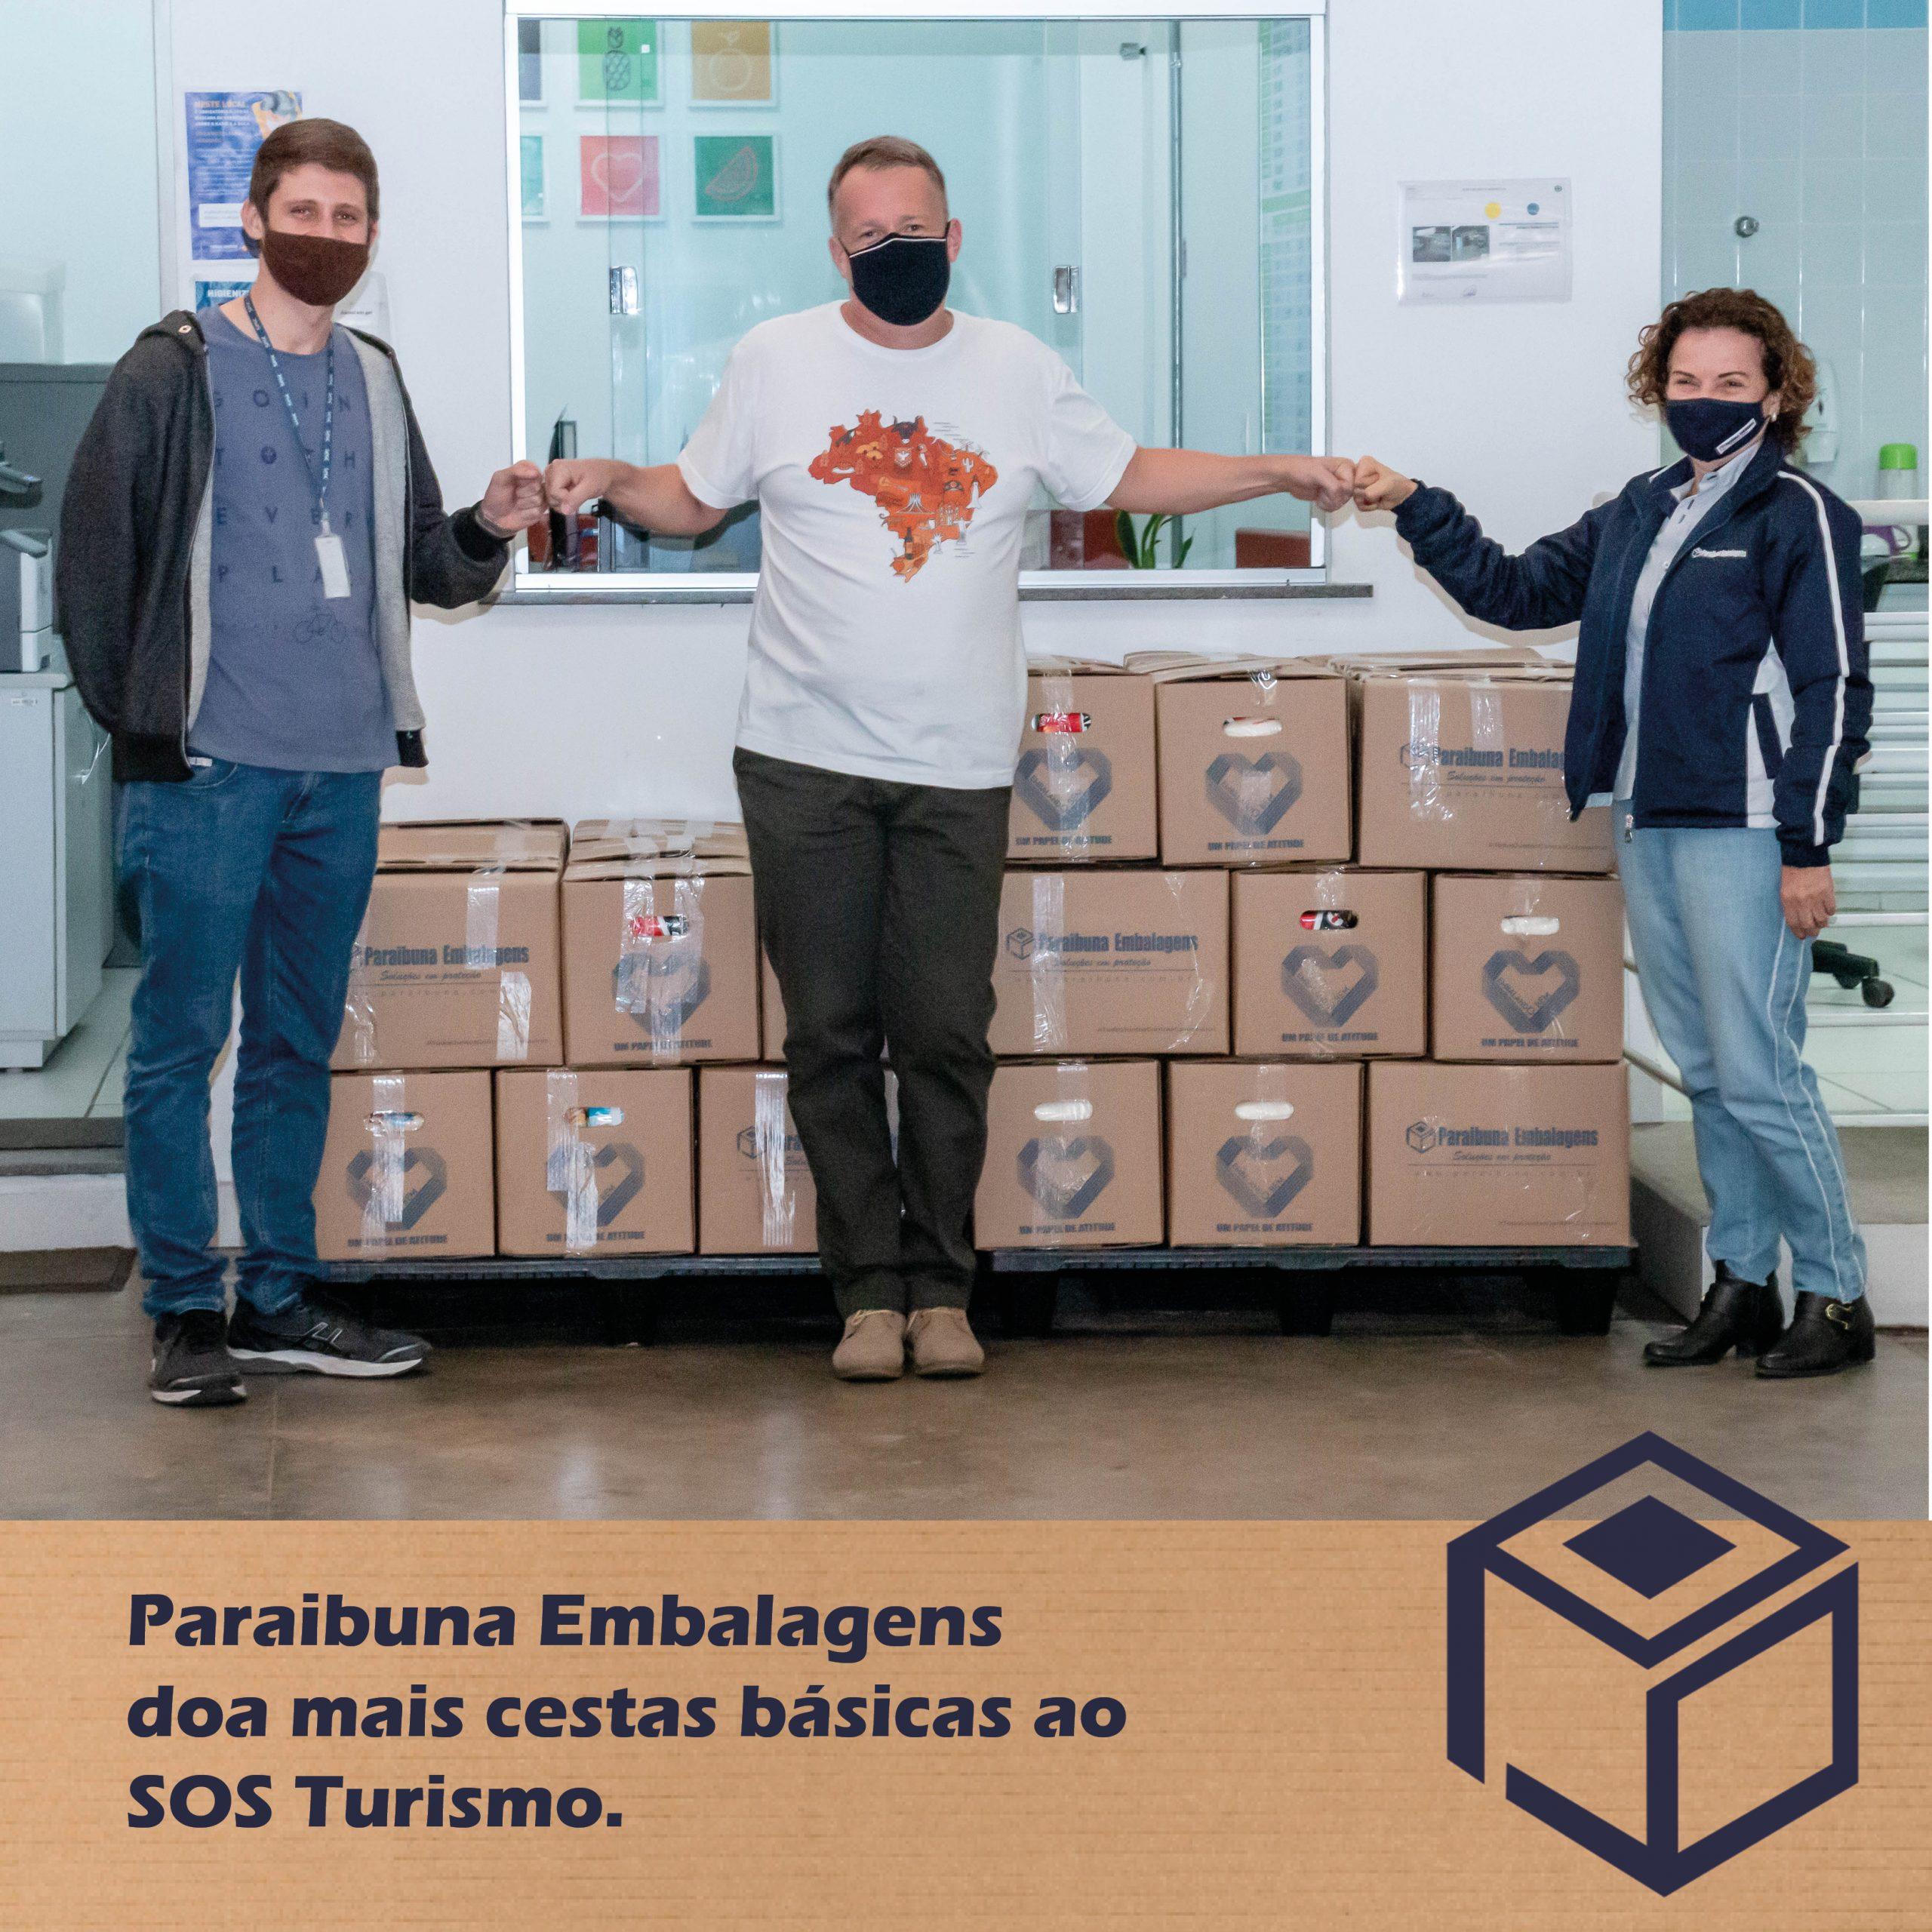 Paraibuna Embalagens doa mais cestas básicas ao SOS Turismo